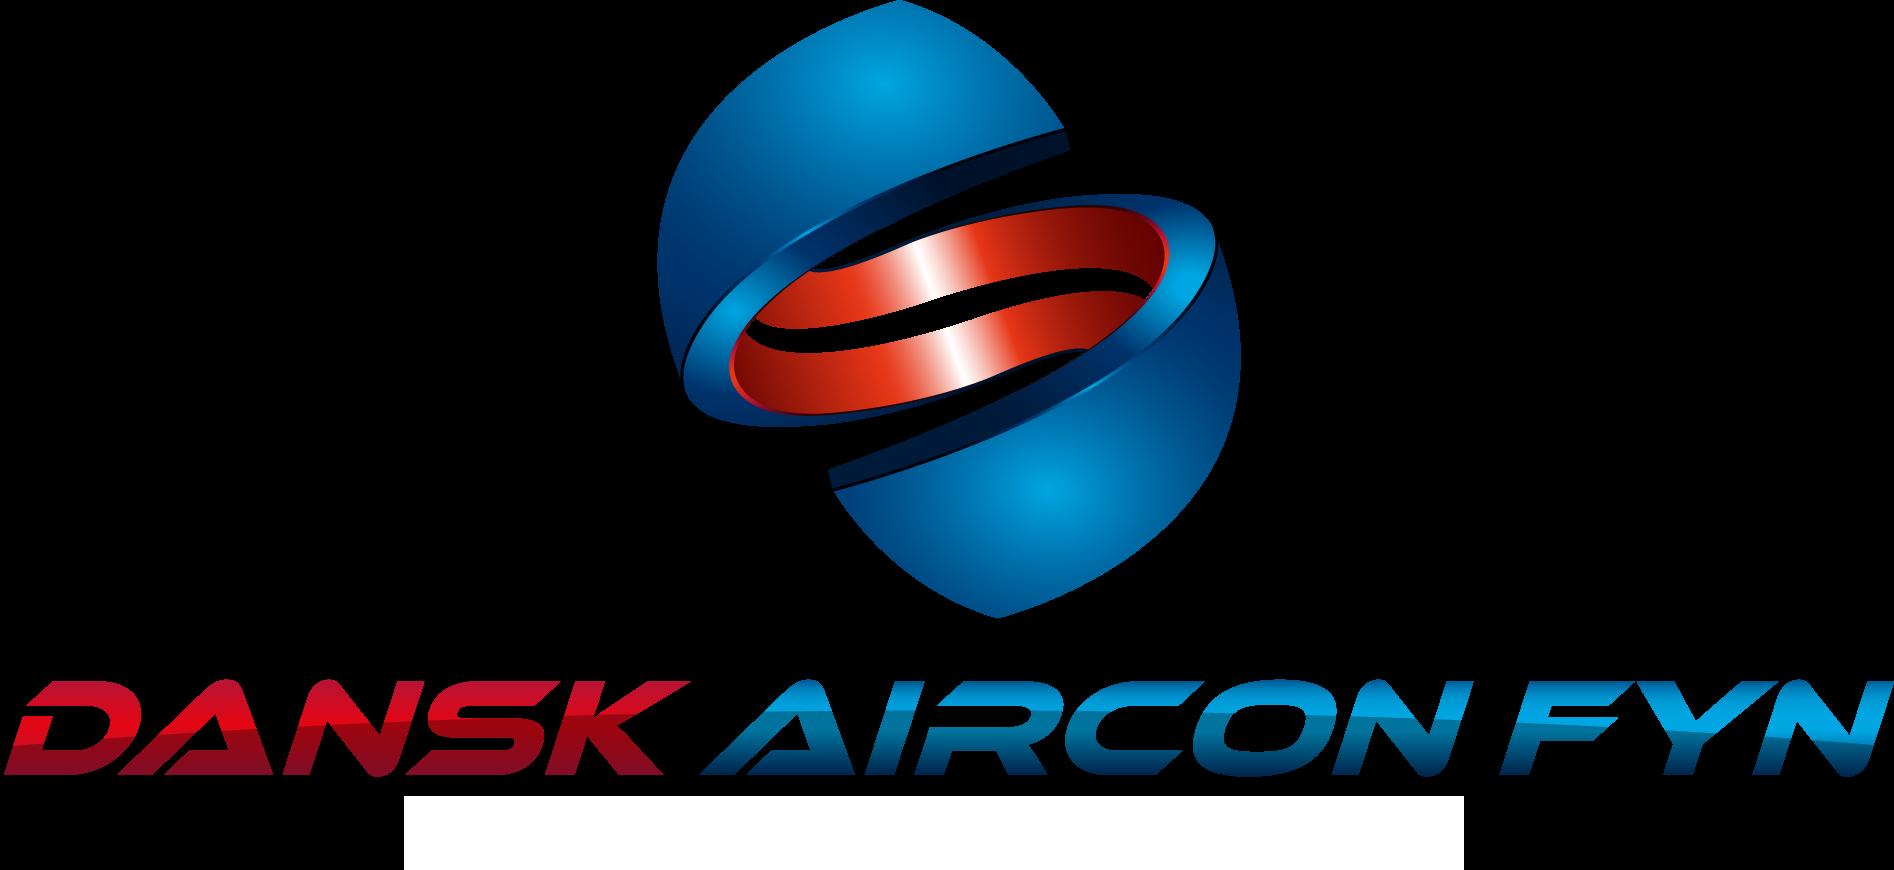 Dansk Aircon Fyn